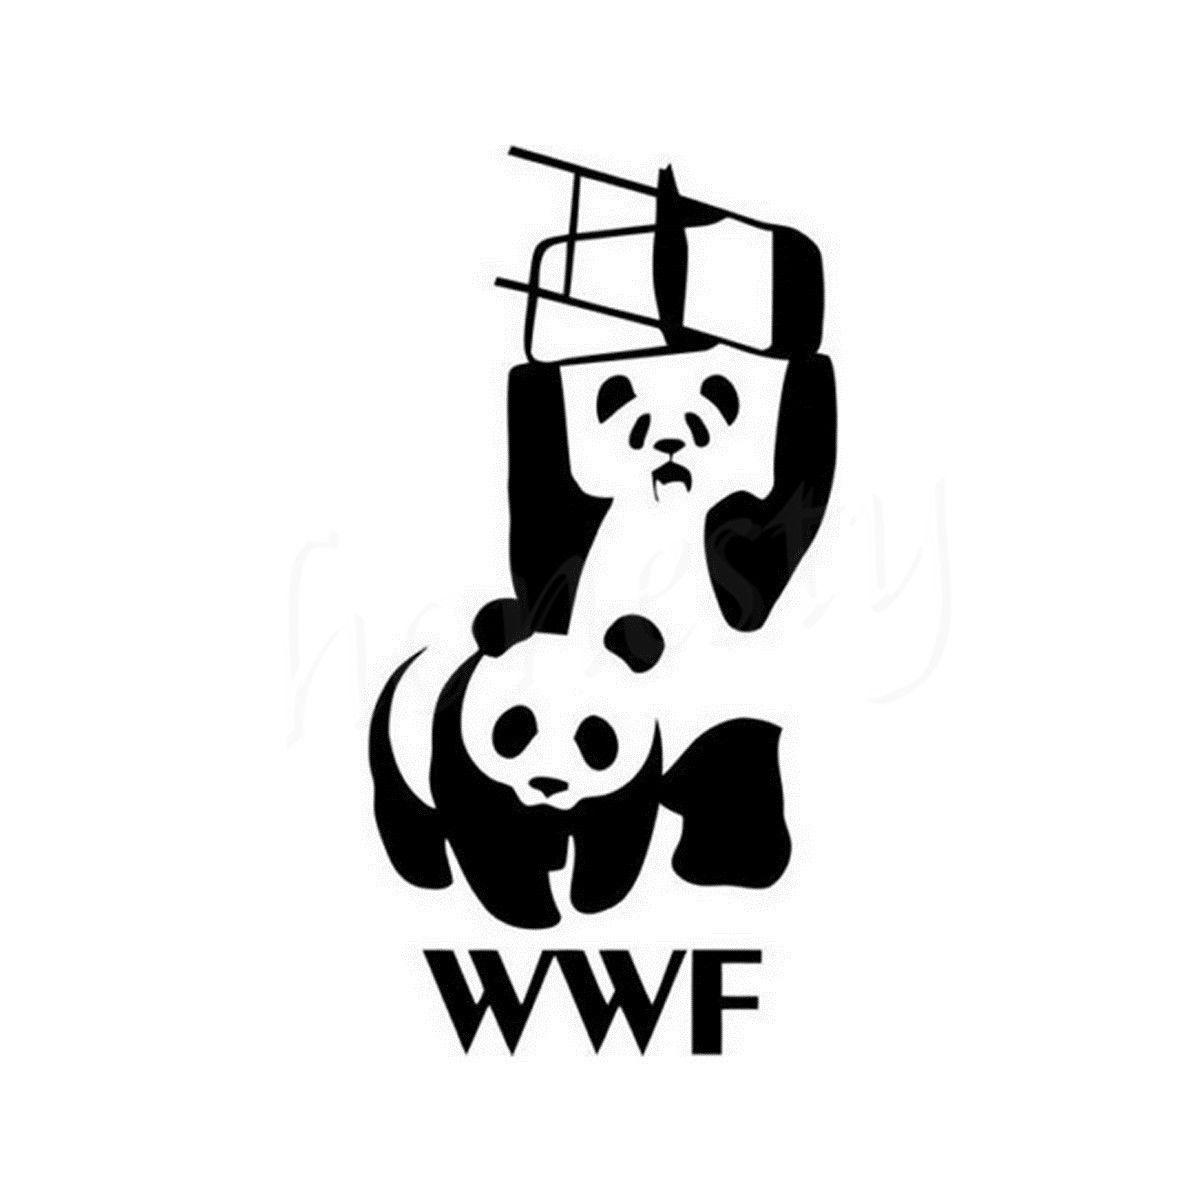 Compra Wwf Panda Etiqueta Online Al Por Mayor De China